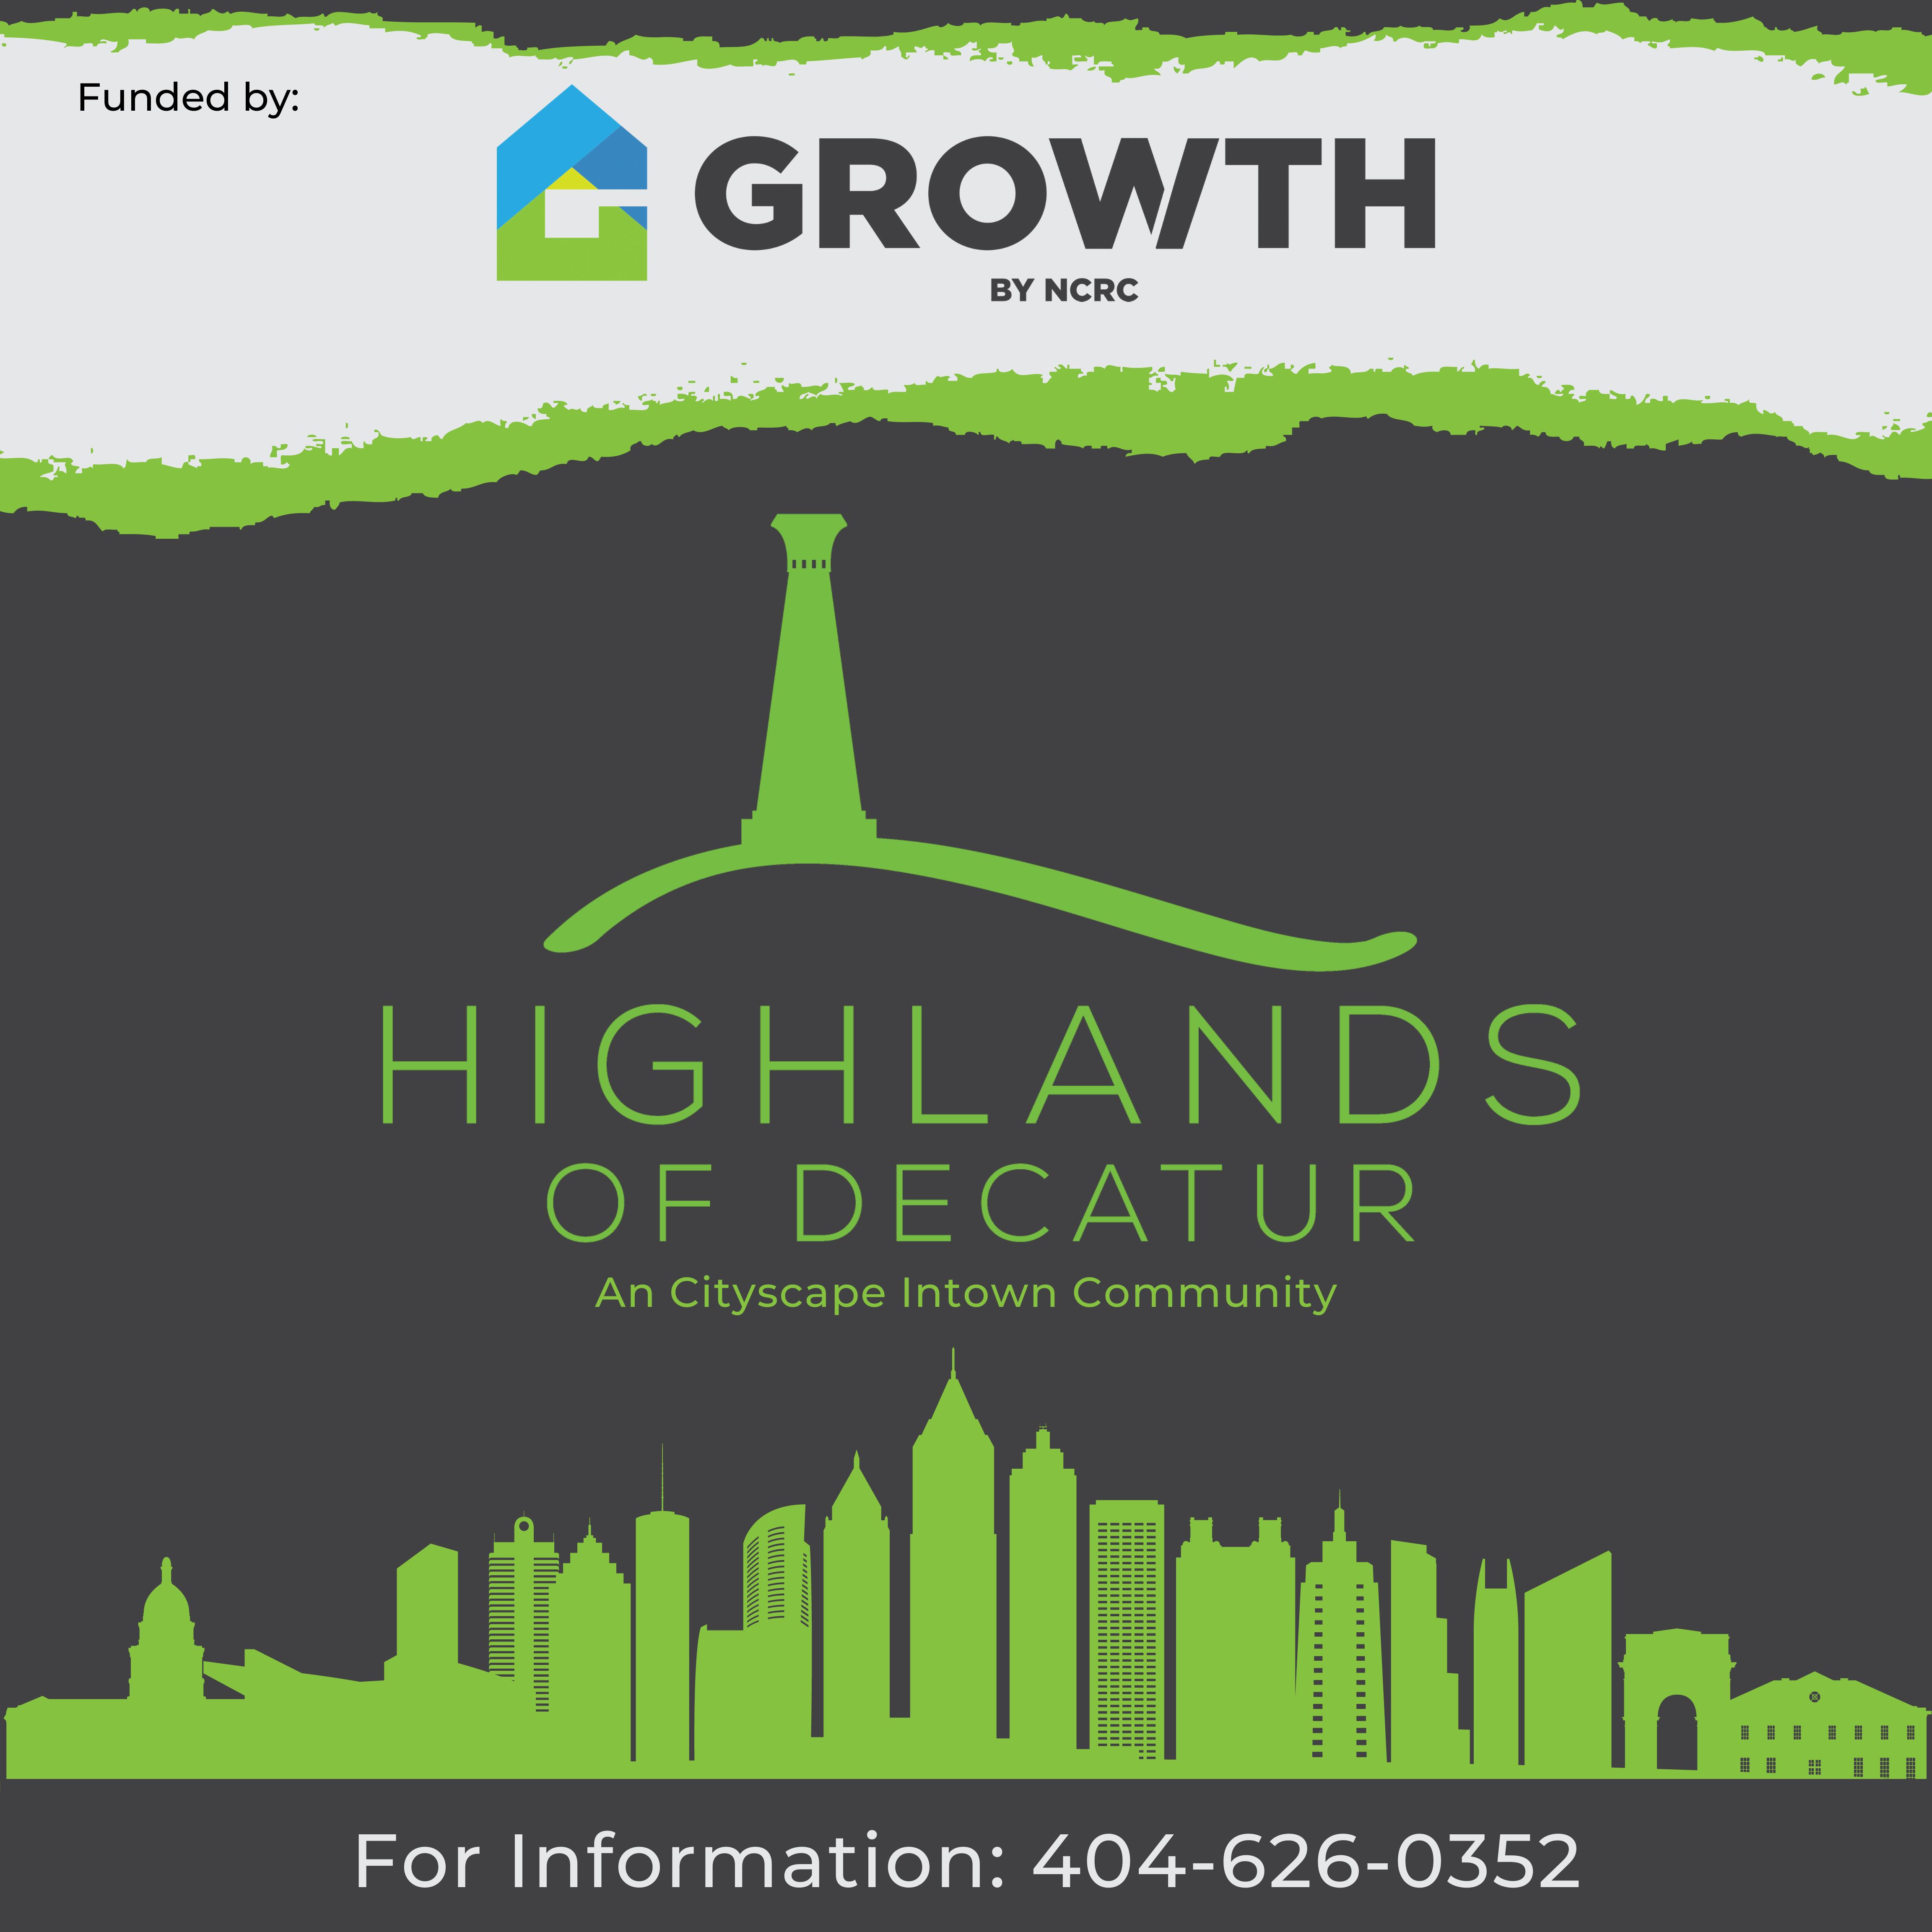 Highlands of Decatur Groundbreaking